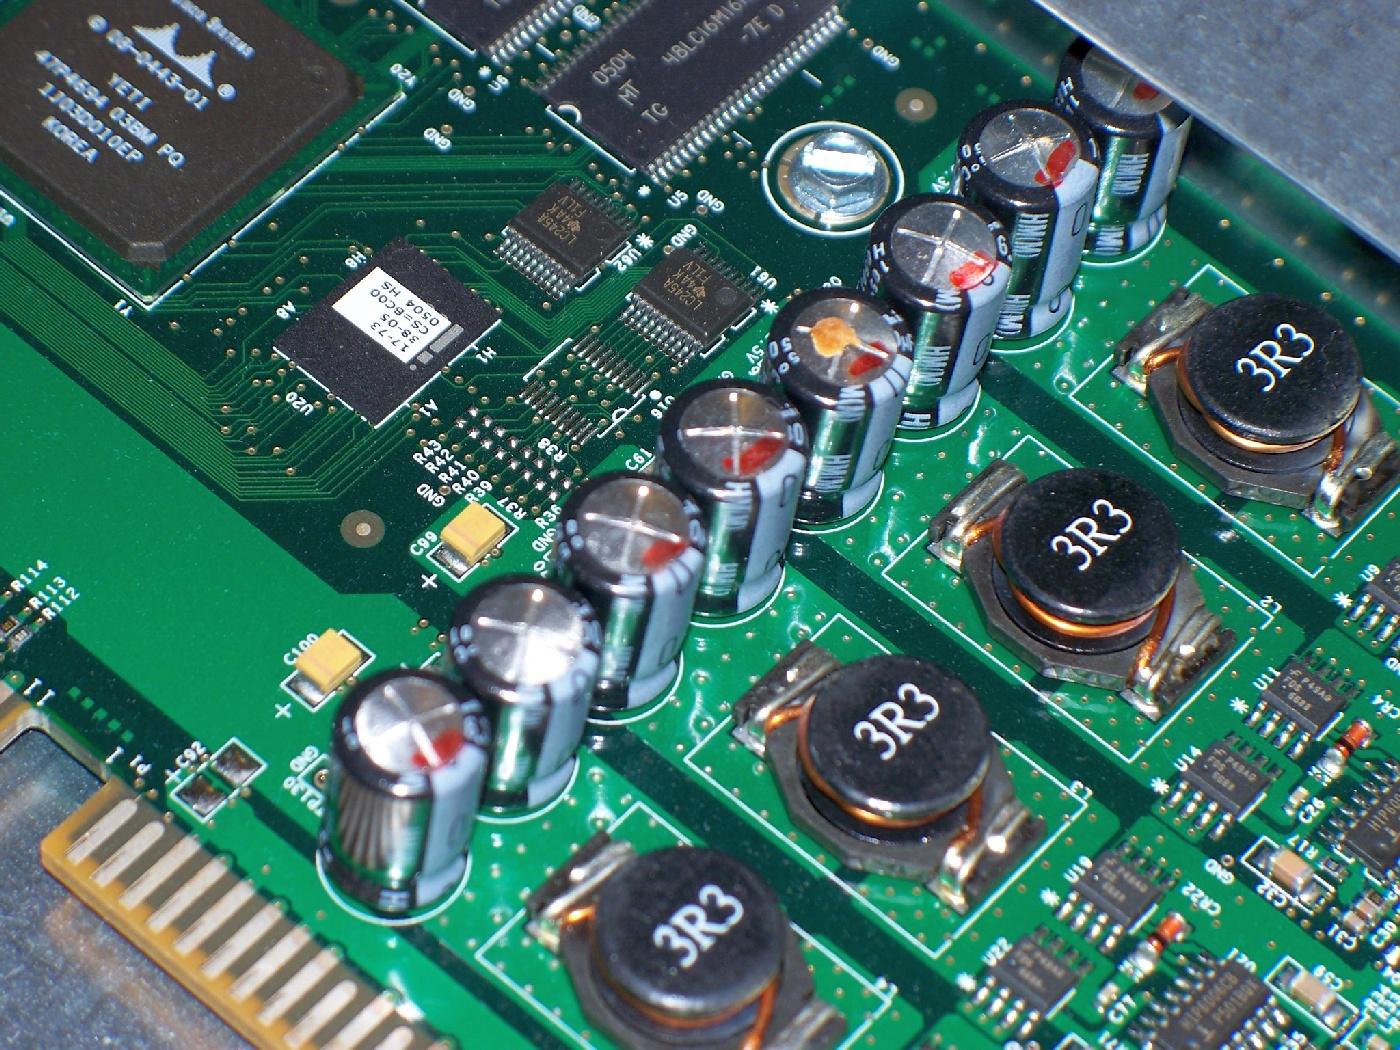 Cisco 3750 Fiber Switch BadLeaking Capacitors